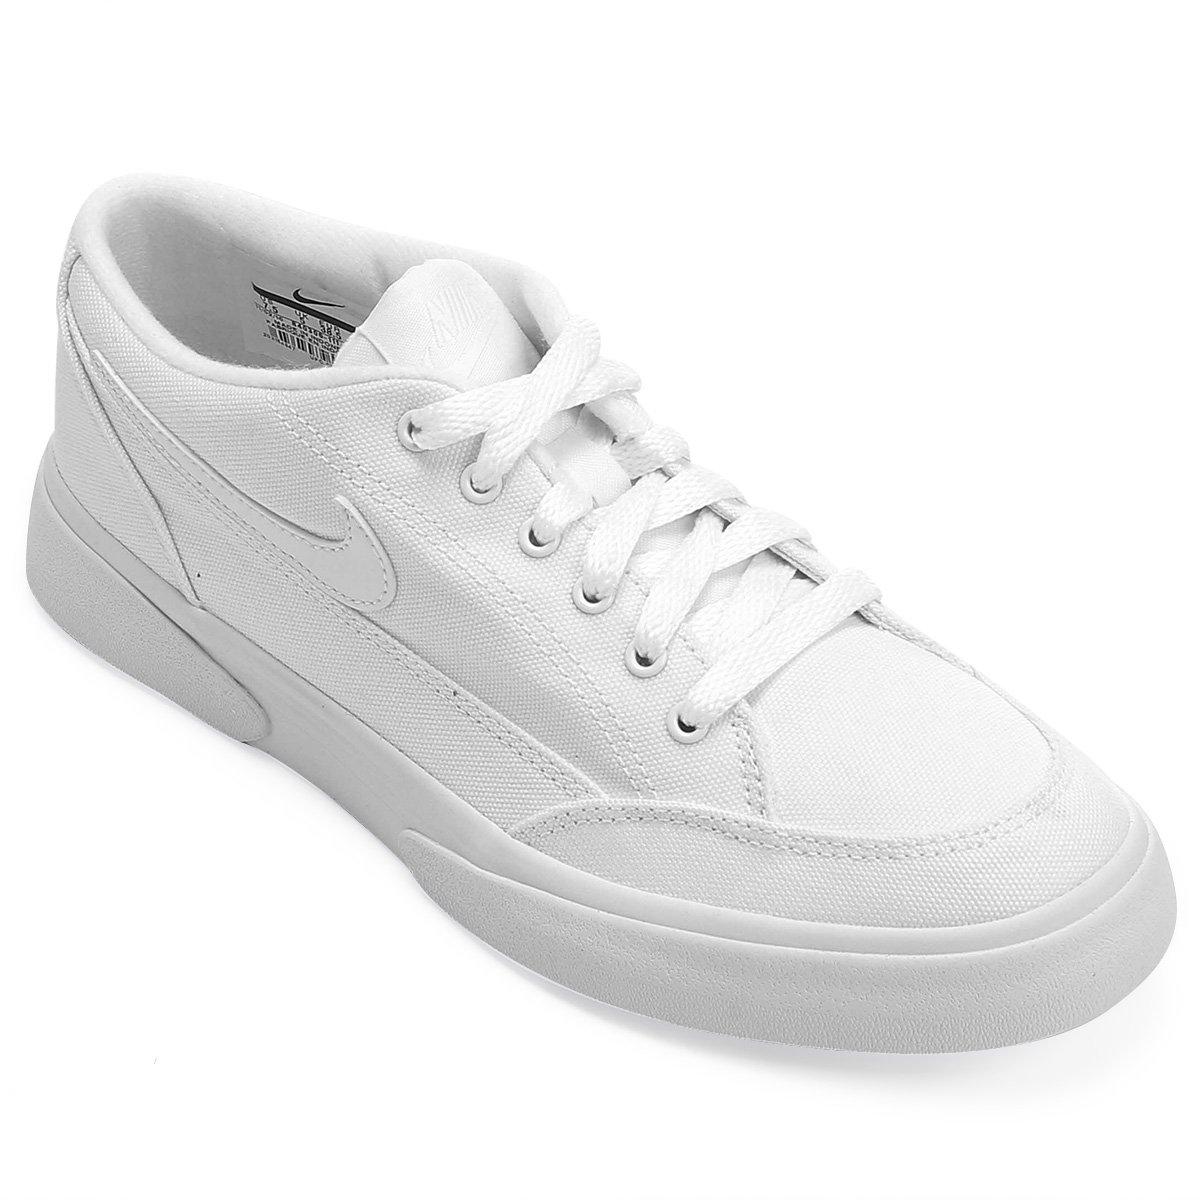 2e3b8e0da65 Tênis Nike Wmns Gts  16 Txt Feminino - Compre Agora